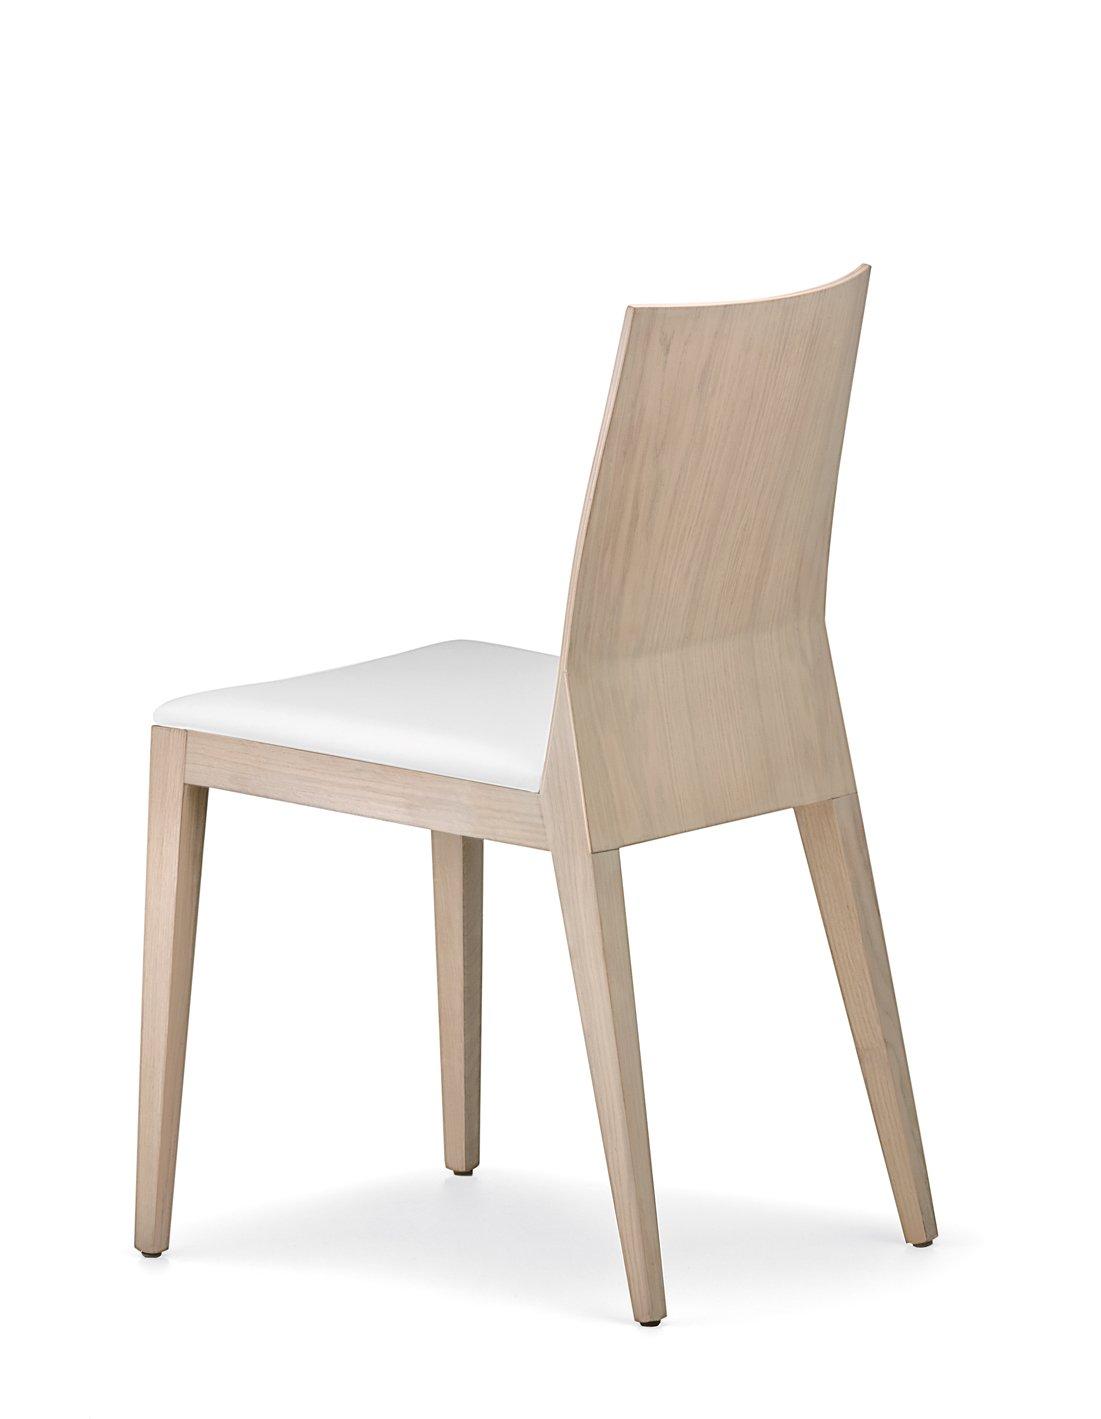 Nowoczesne designerskie krzesło Twig